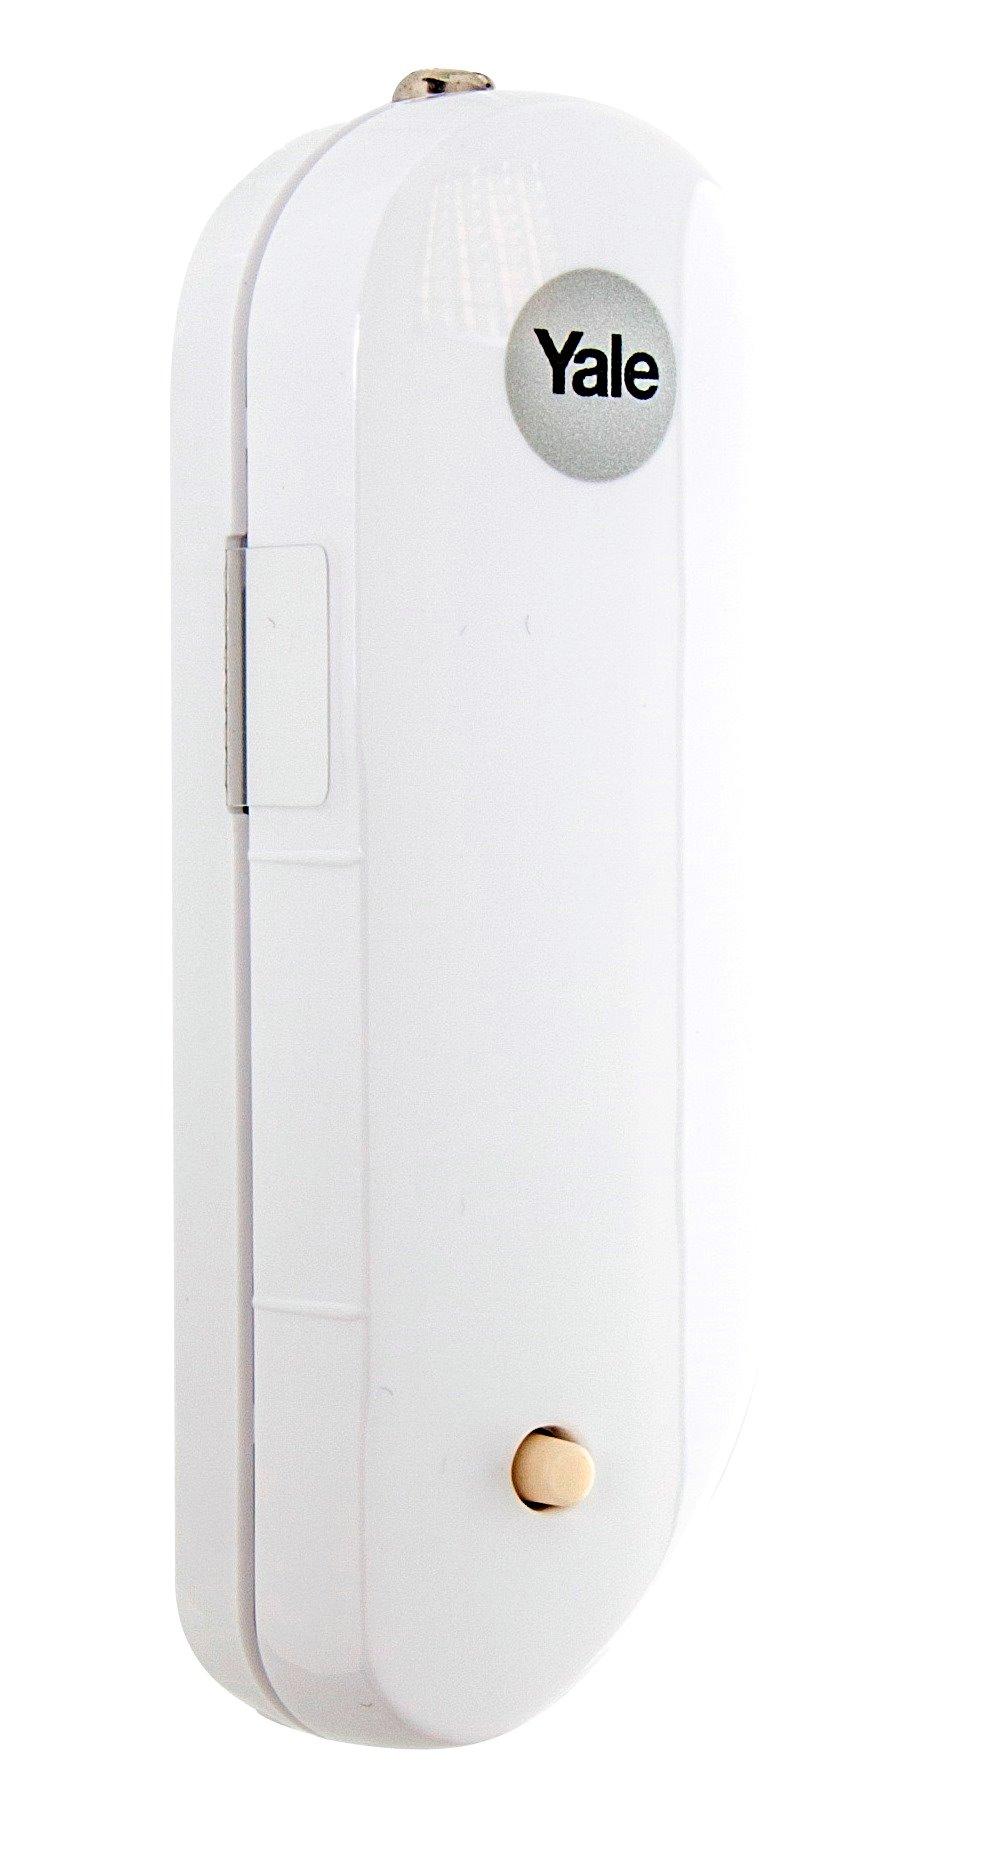 Dveřní / okenní kontakt